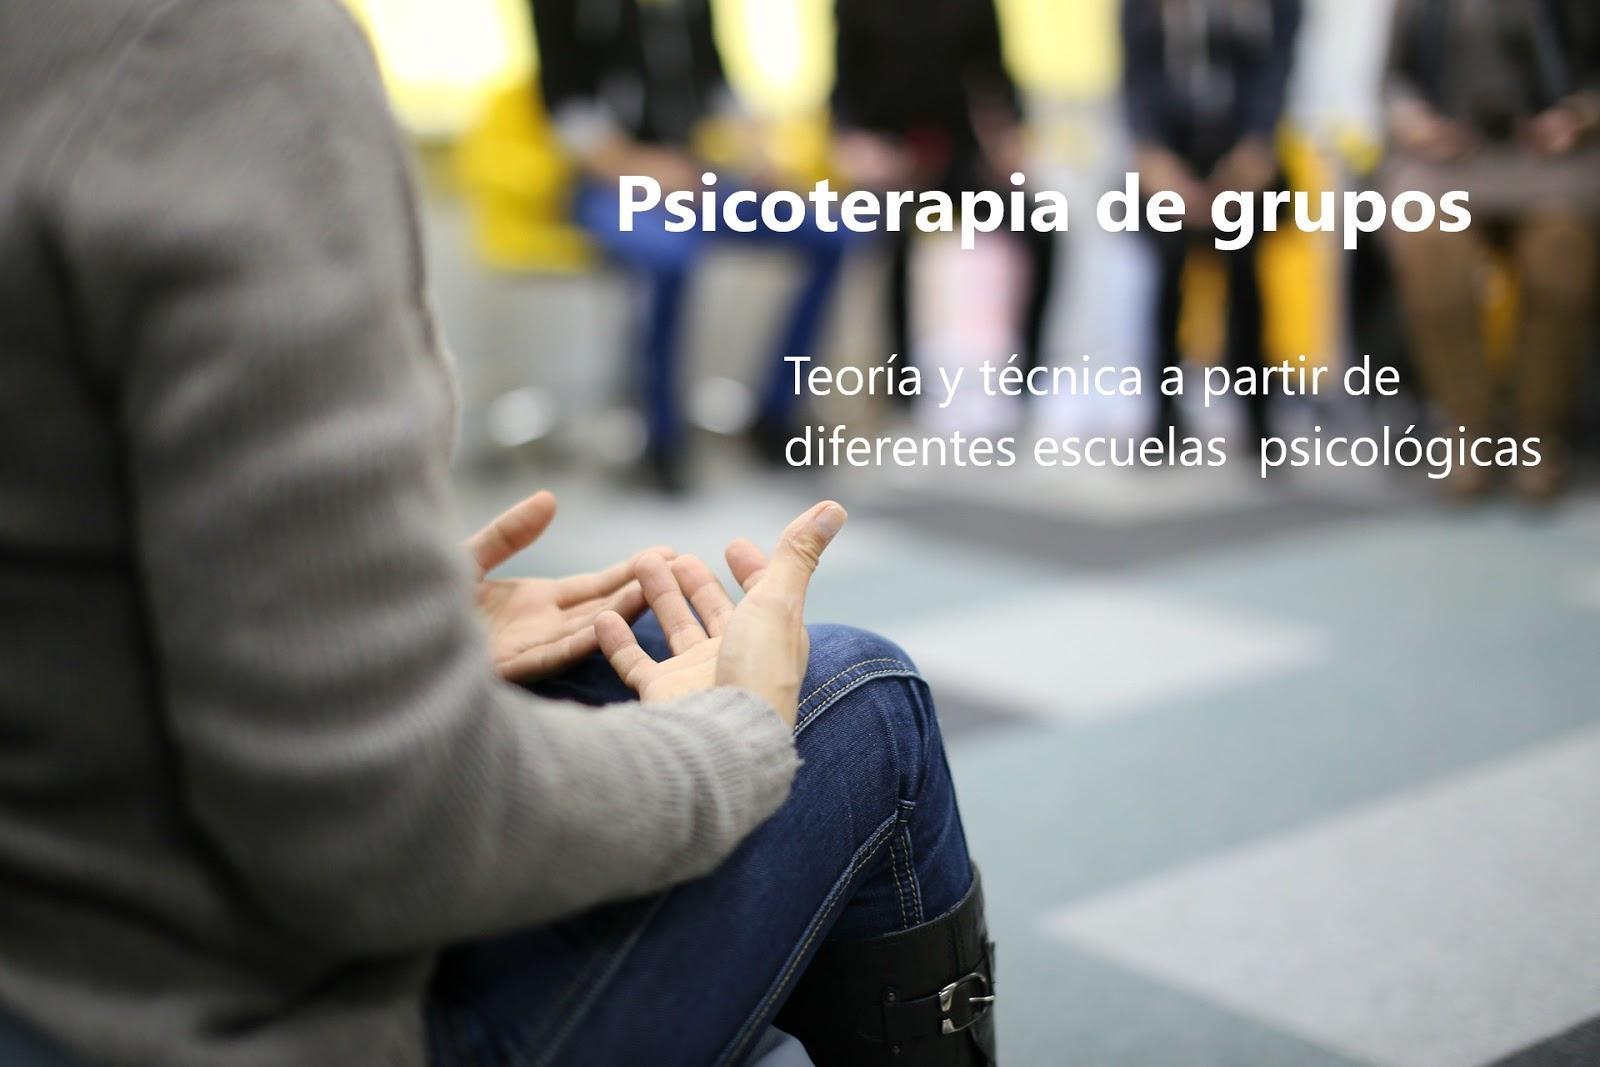 [PDF] Psicoterapia de grupos: Teoría y técnica a parfir de diferentes escuelas psicológicas.